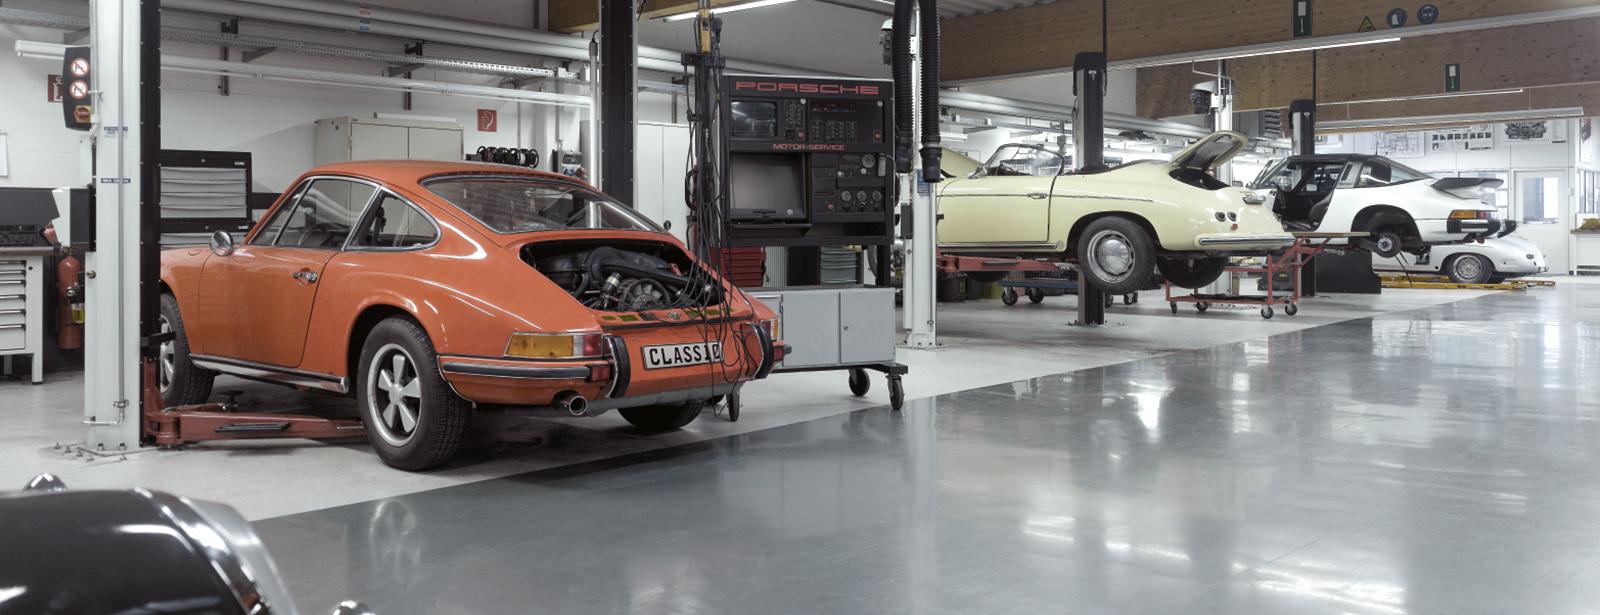 Youngtimer-Betreuung von Sportwagen (4 Zylinder)